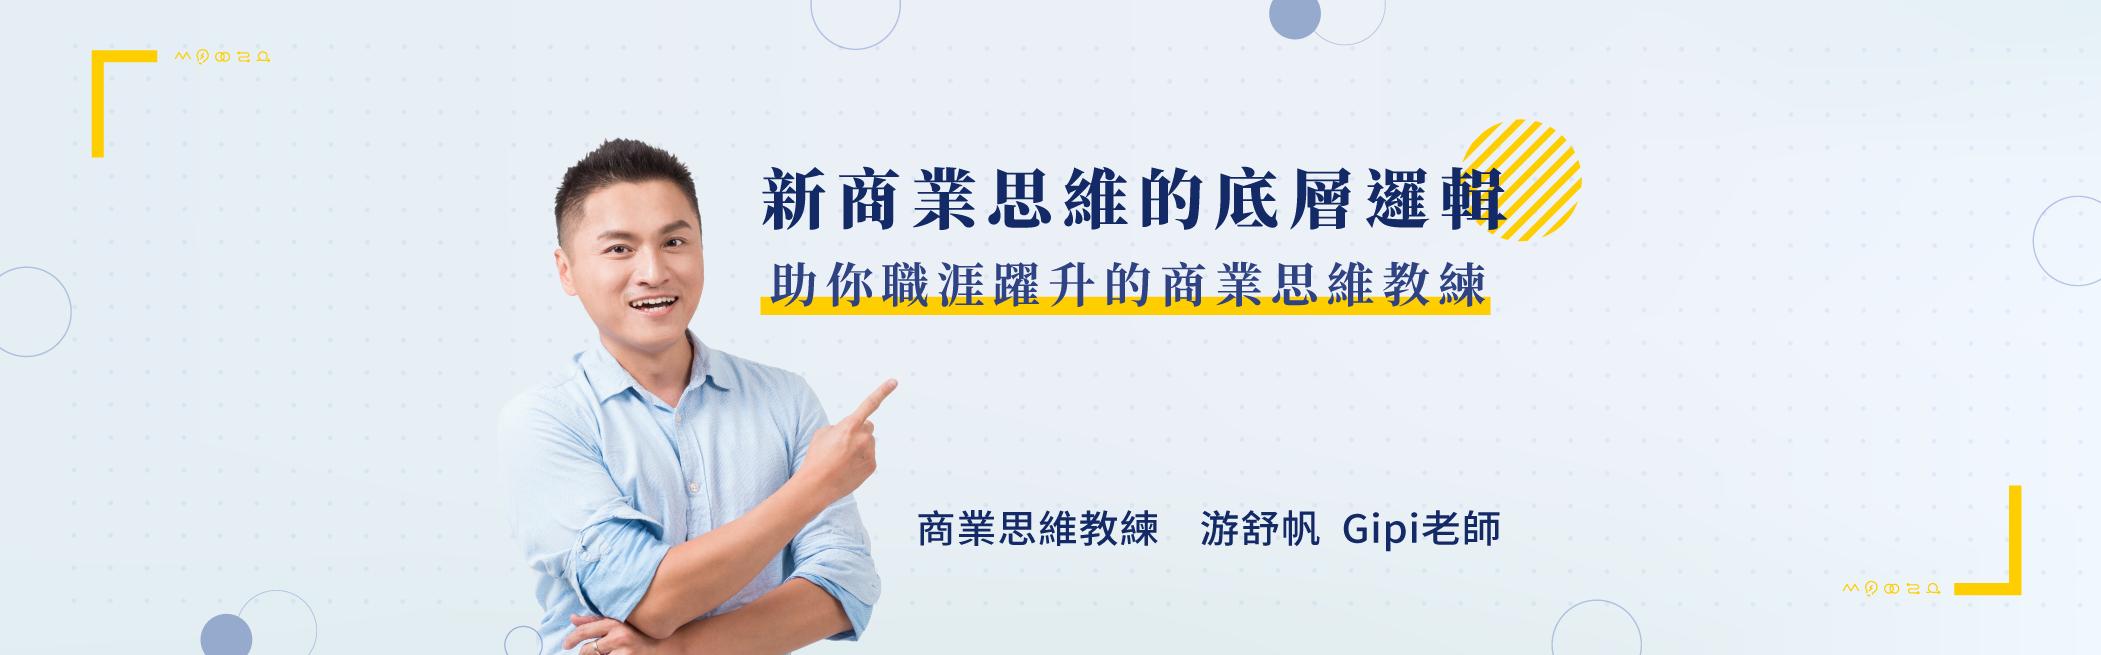 gipi 游舒帆:助你職涯躍升的新商業思維